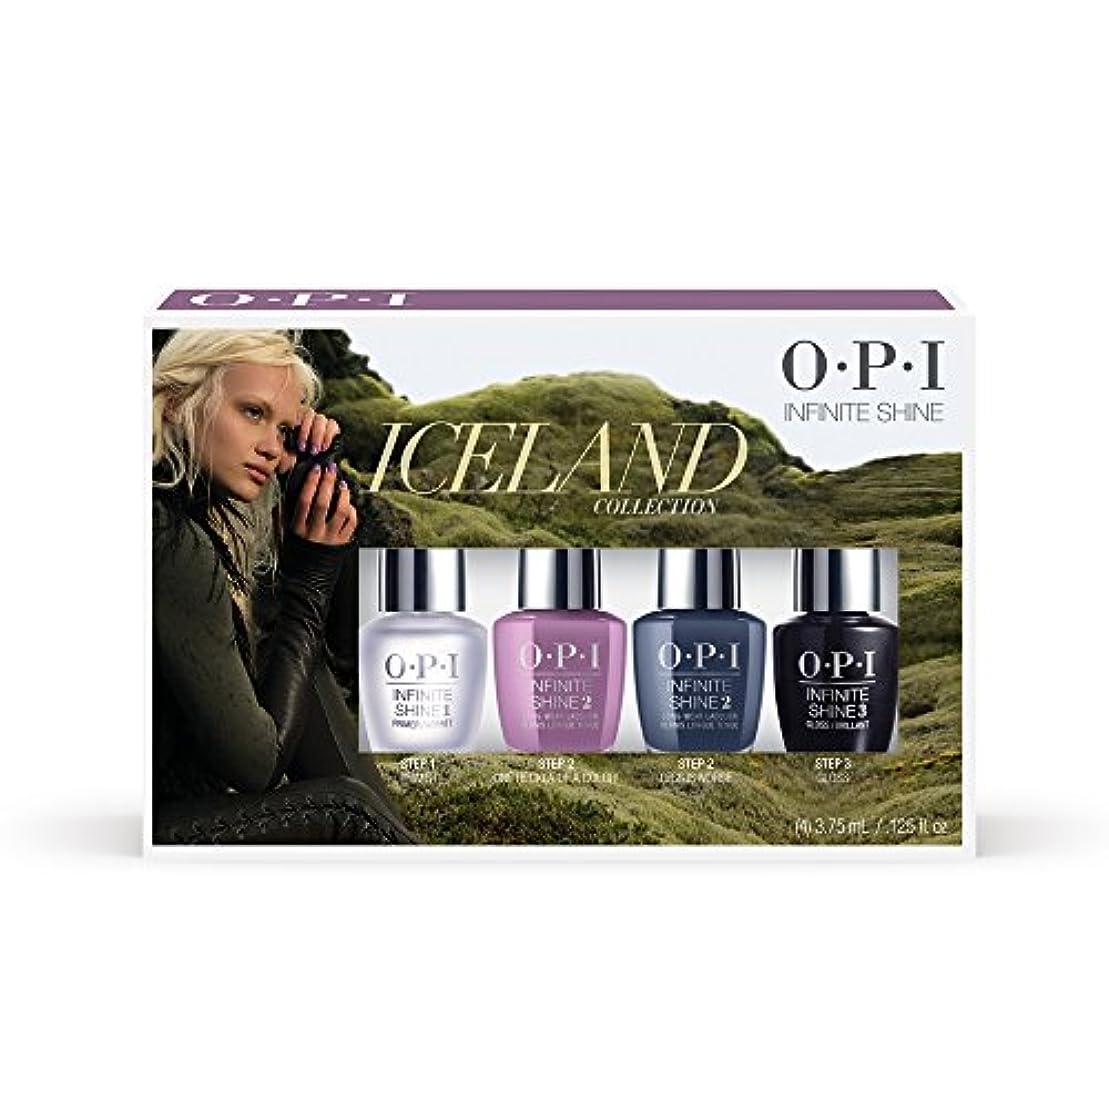 モチーフみなさん霊OPI(オーピーアイ) アイスランド コレクション インフィニット シャイン ミニパック